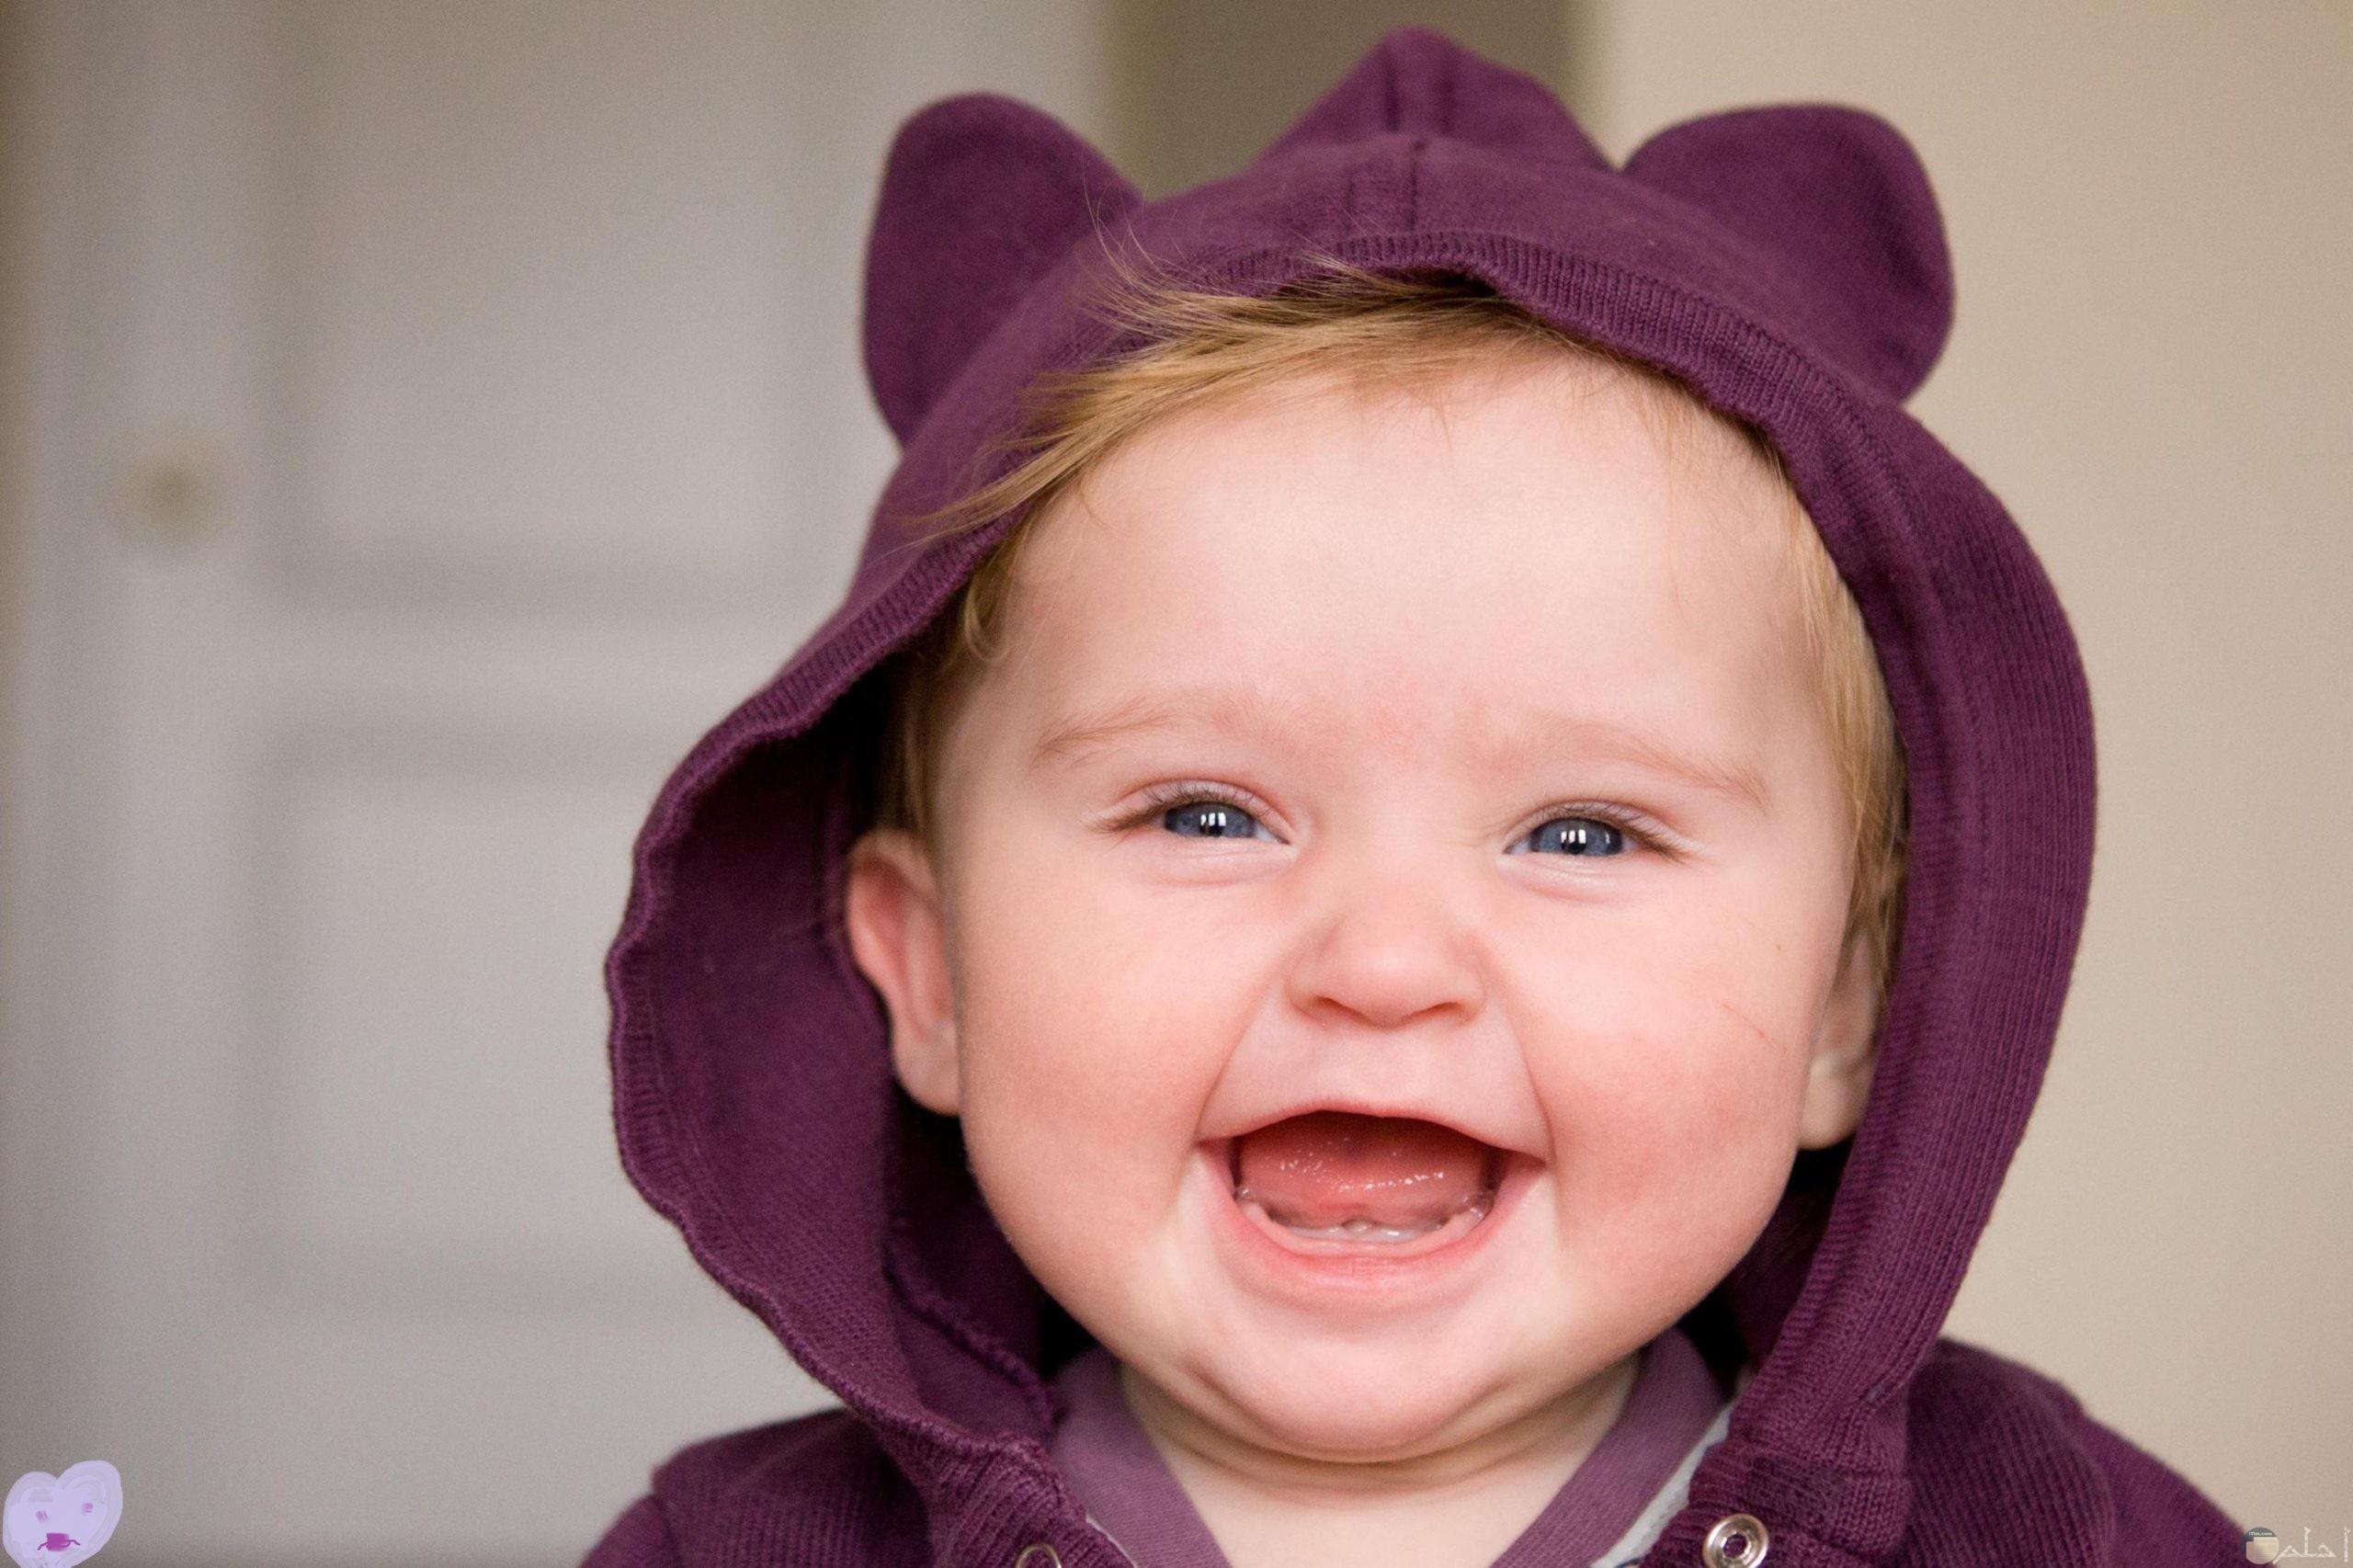 ملخص السعادة كلها فى طفولتها.